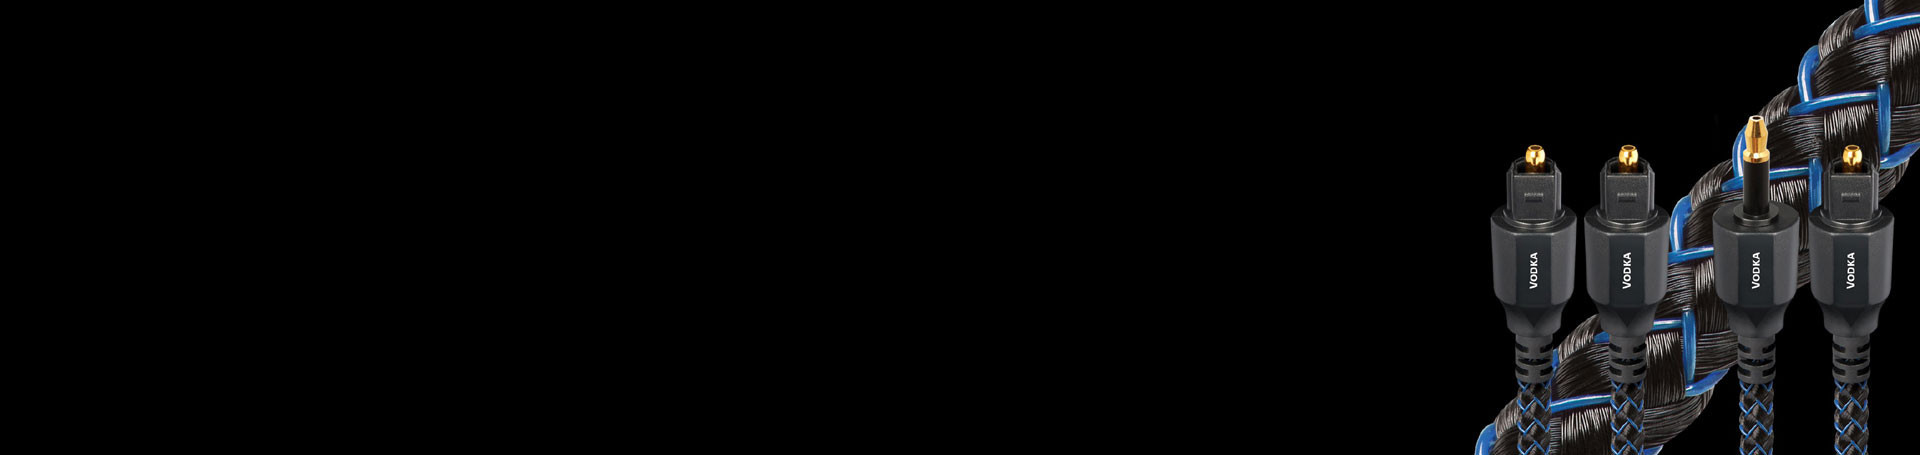 Câbles optiques